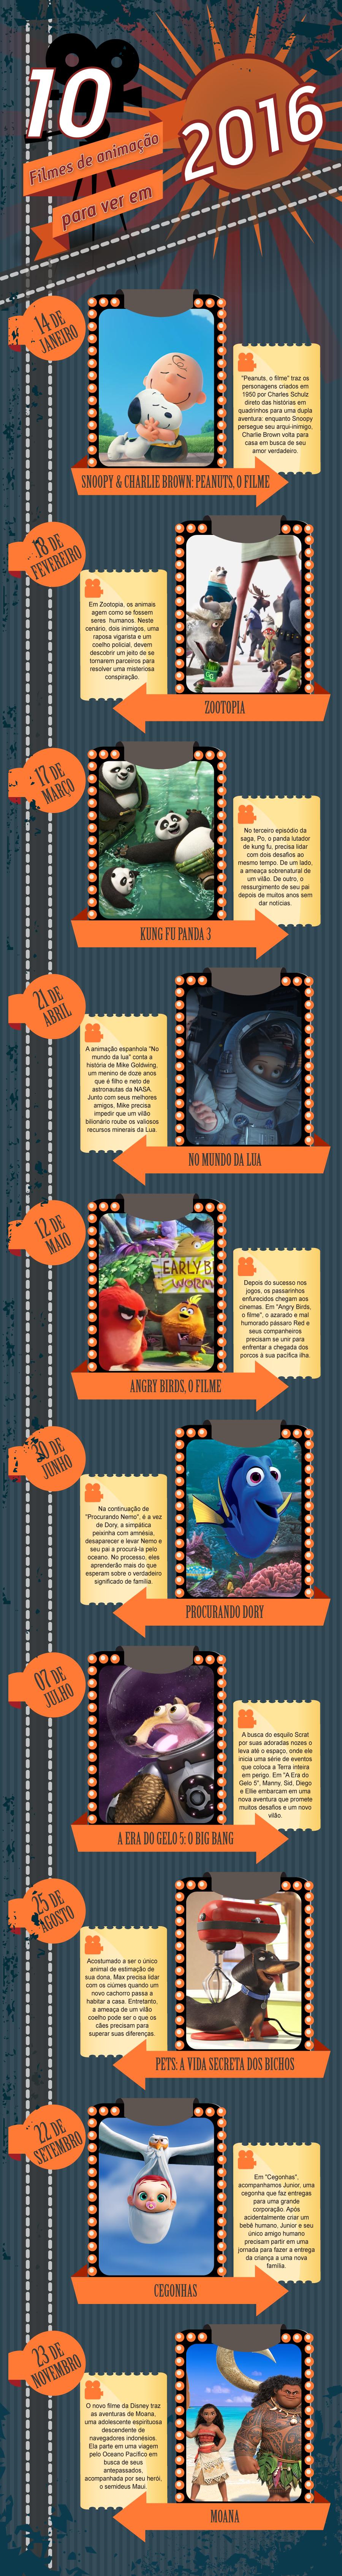 10 filmes de animação para ver em 2016